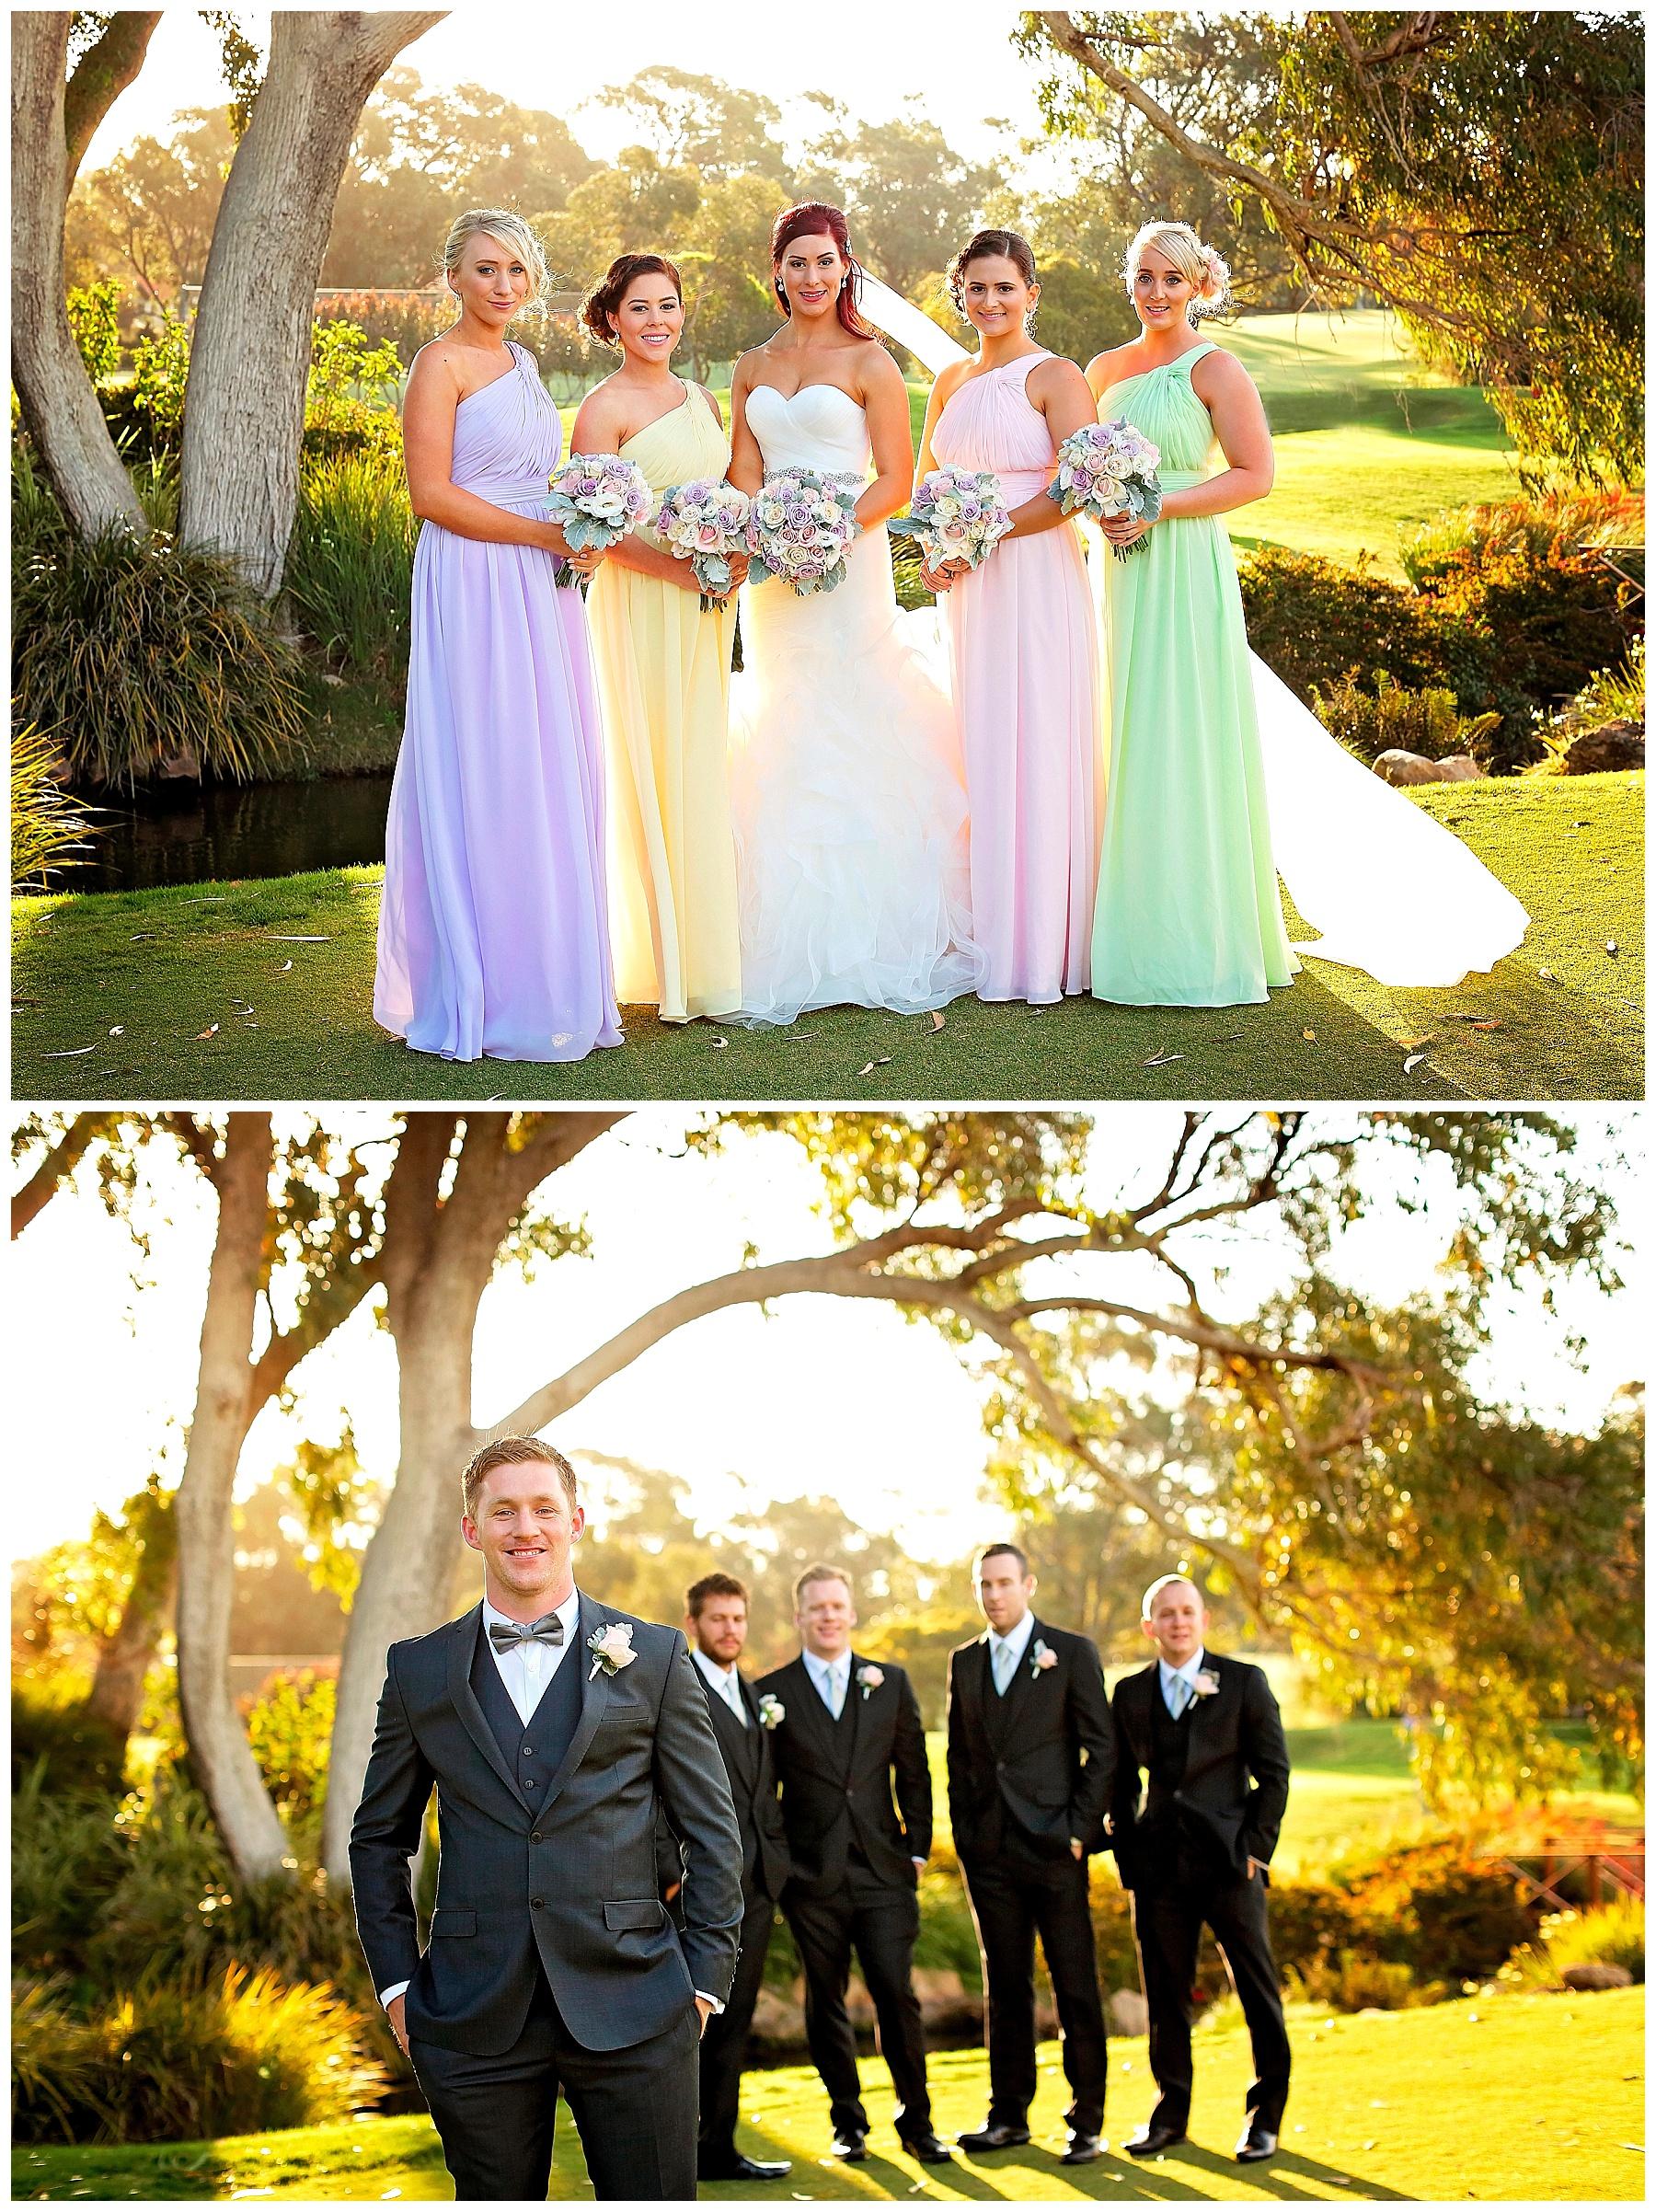 bridal party at joondalup resort wedding